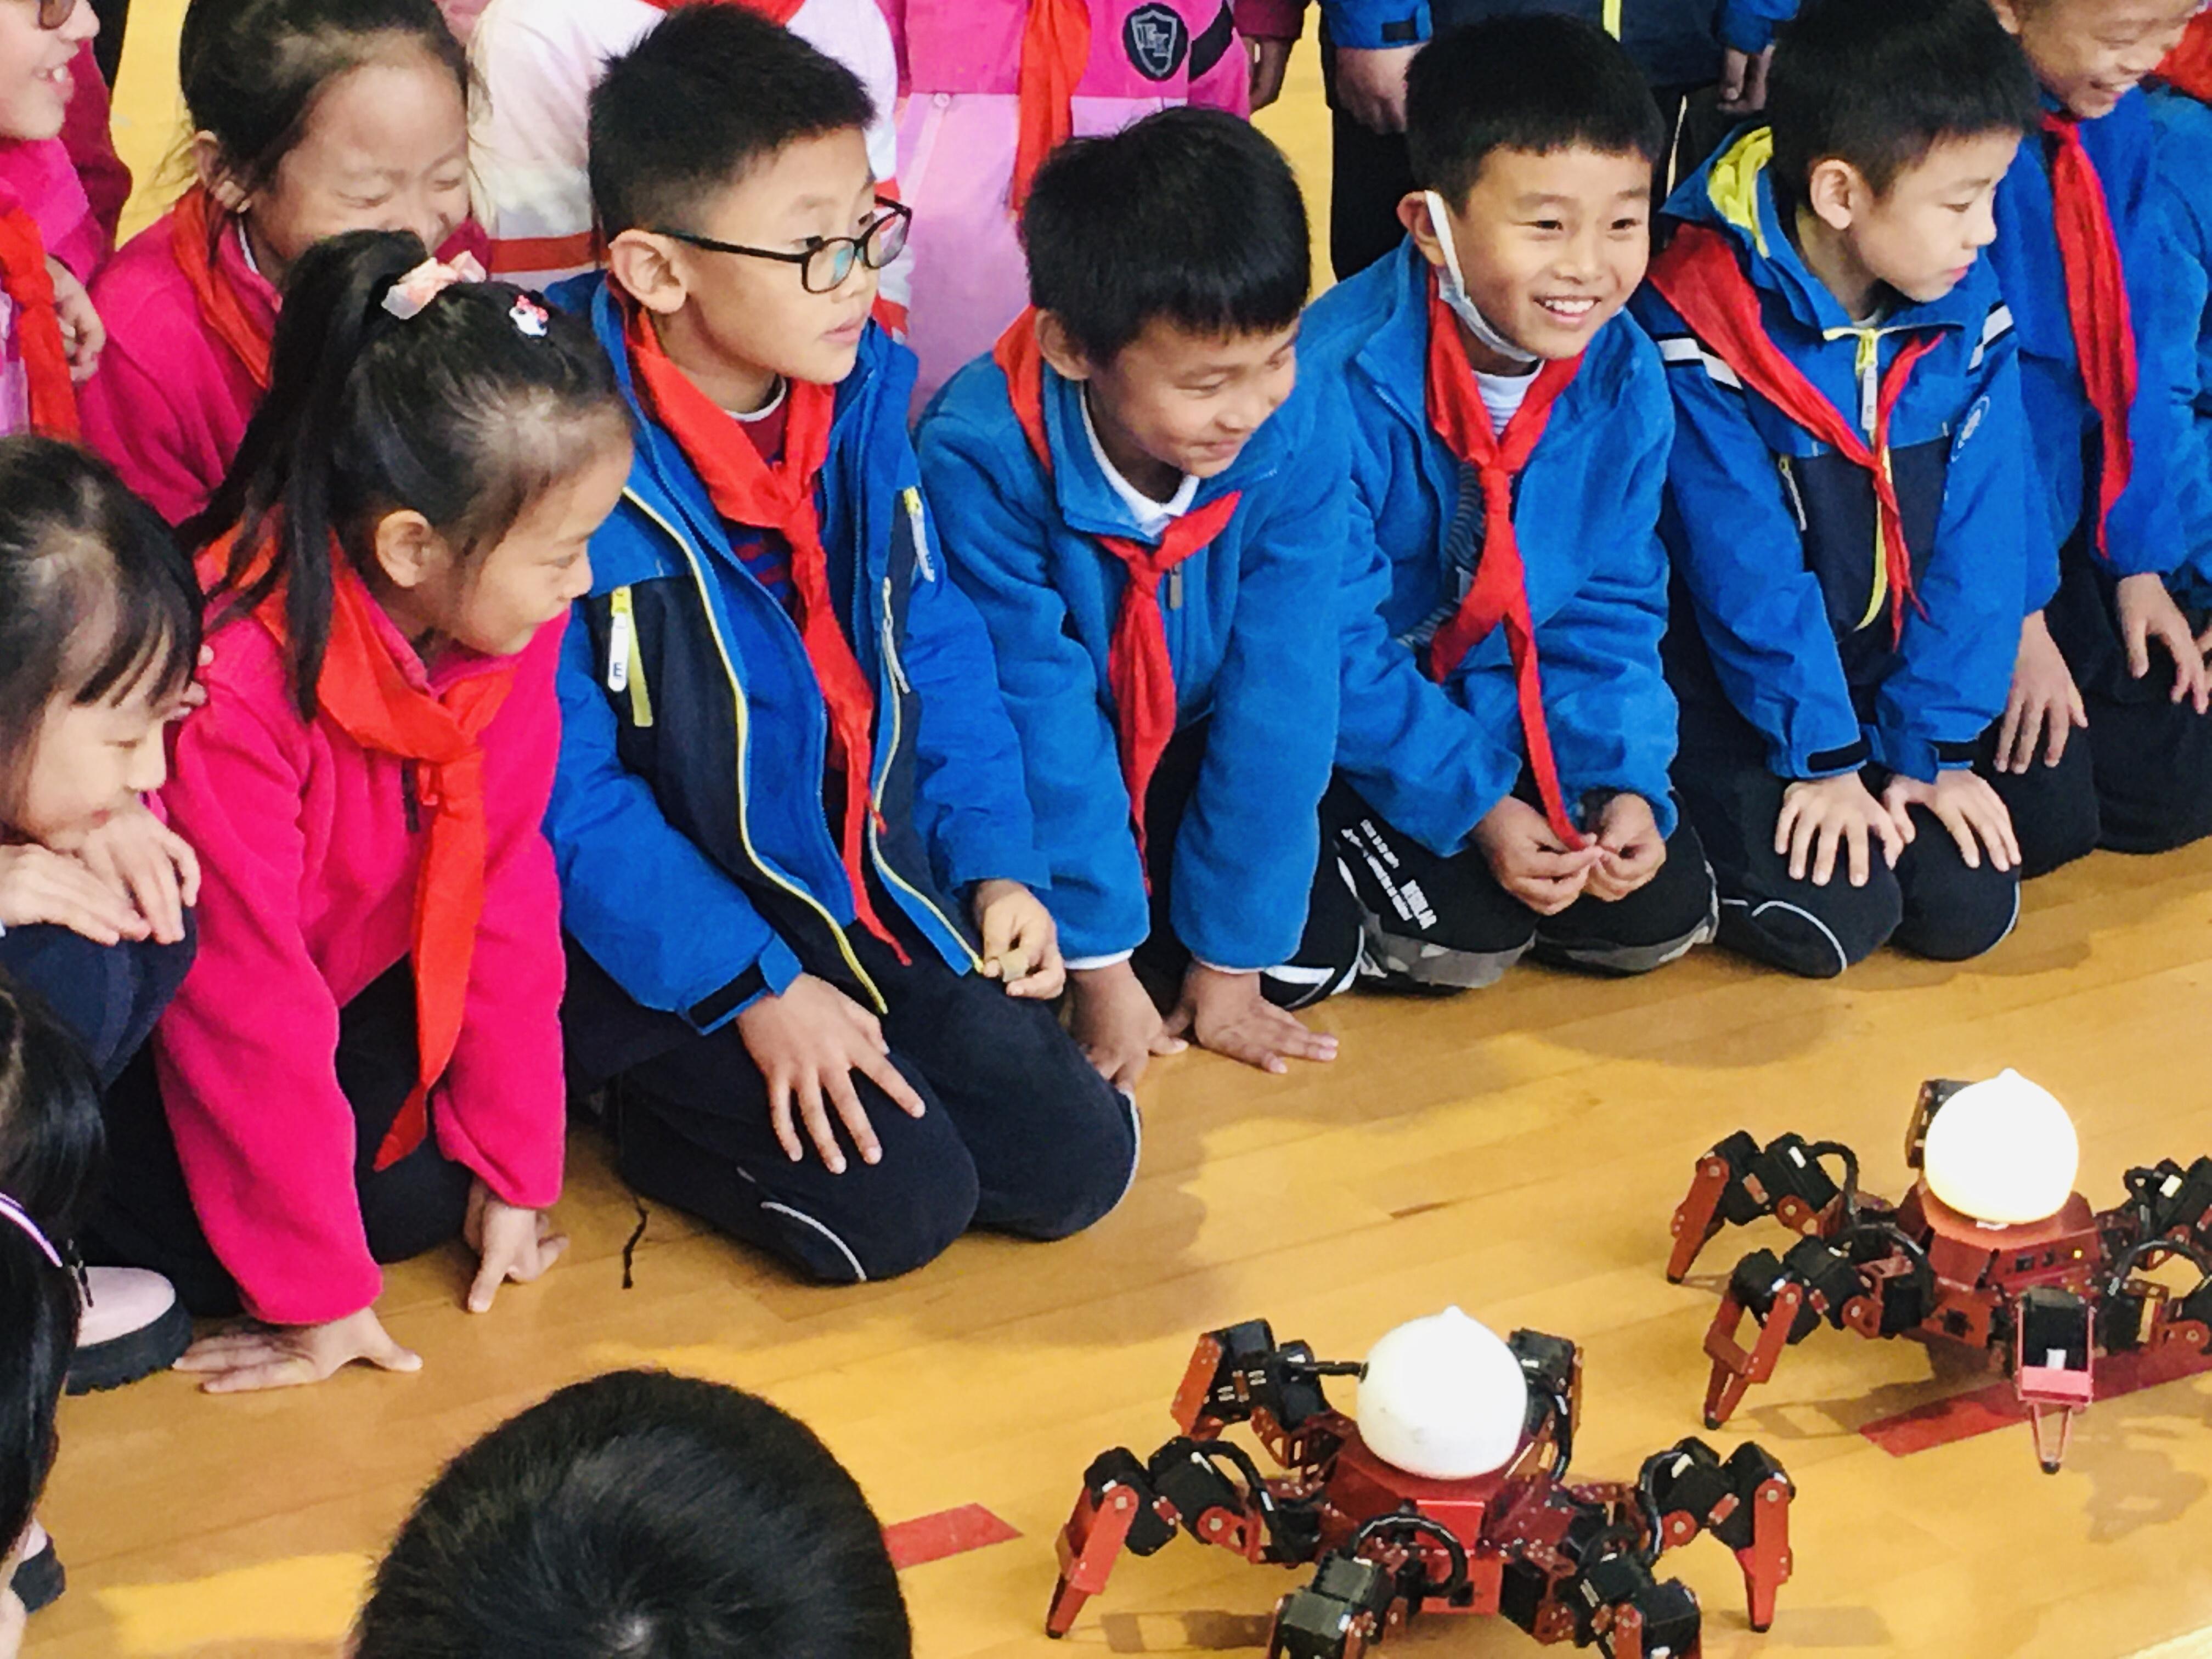 机器人技术的应用将向着更为广泛的人类生活领域拓展